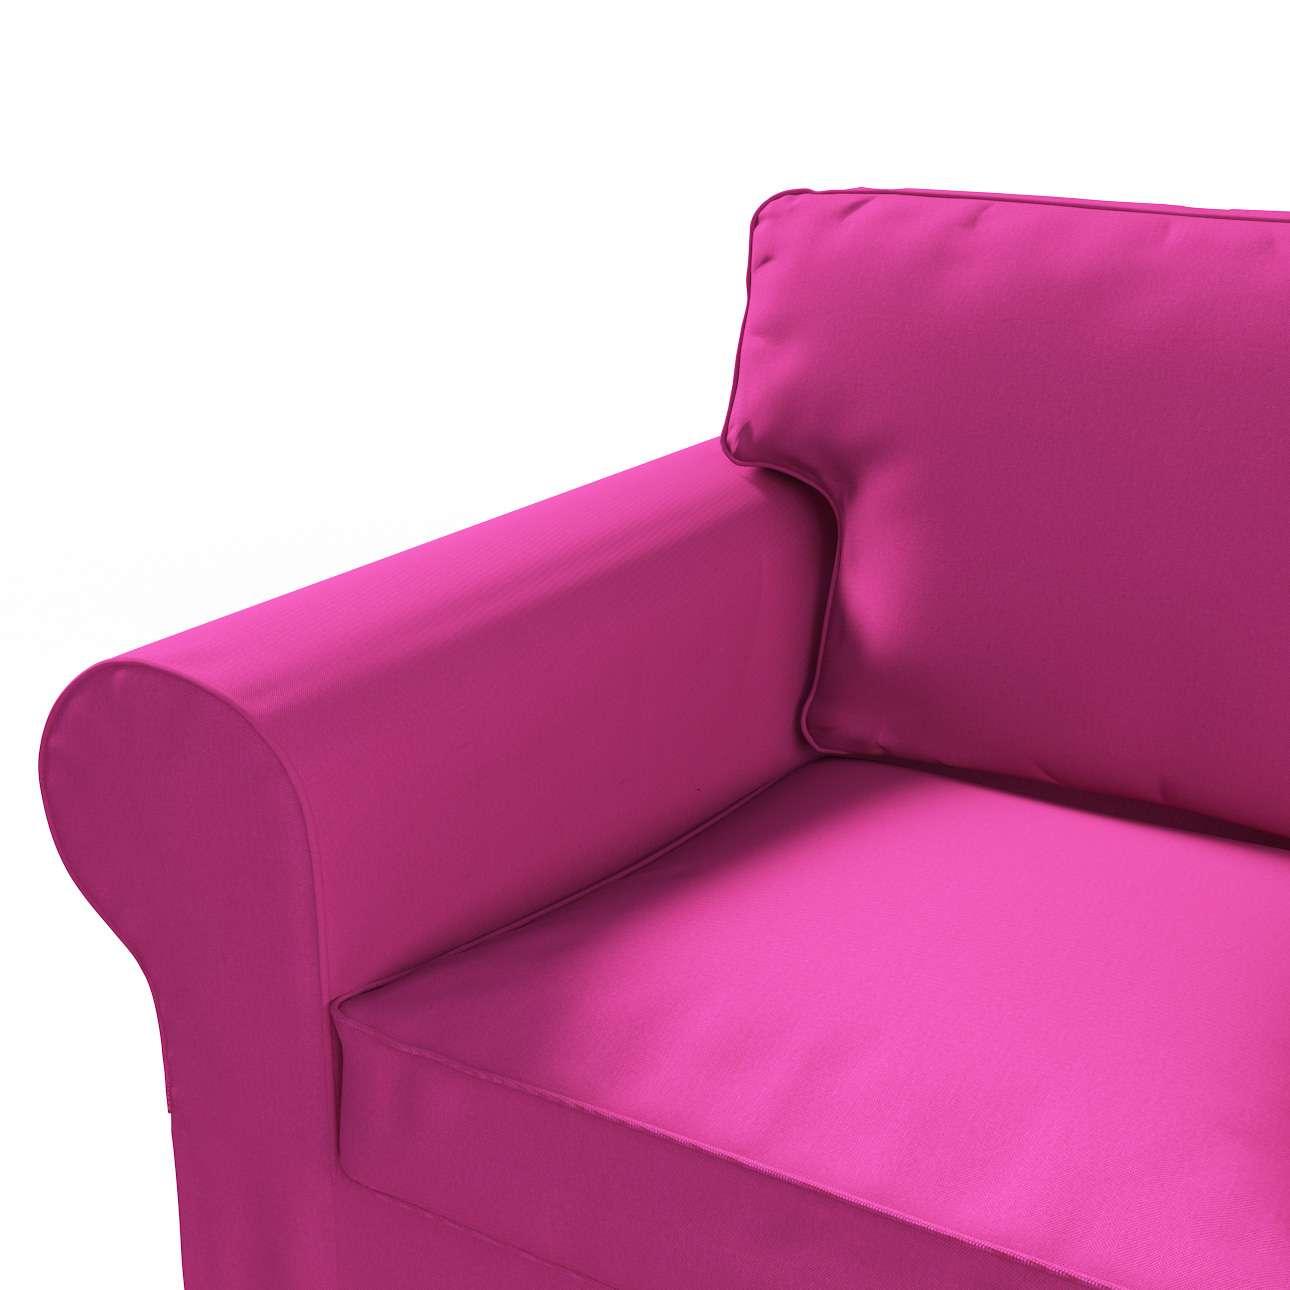 Pokrowiec na sofę Ektorp 2-osobową rozkładana NOWY MODEL 2012 sofa ektorp 2-osobowa rozkładana NOWY MODEL w kolekcji Etna , tkanina: 705-23